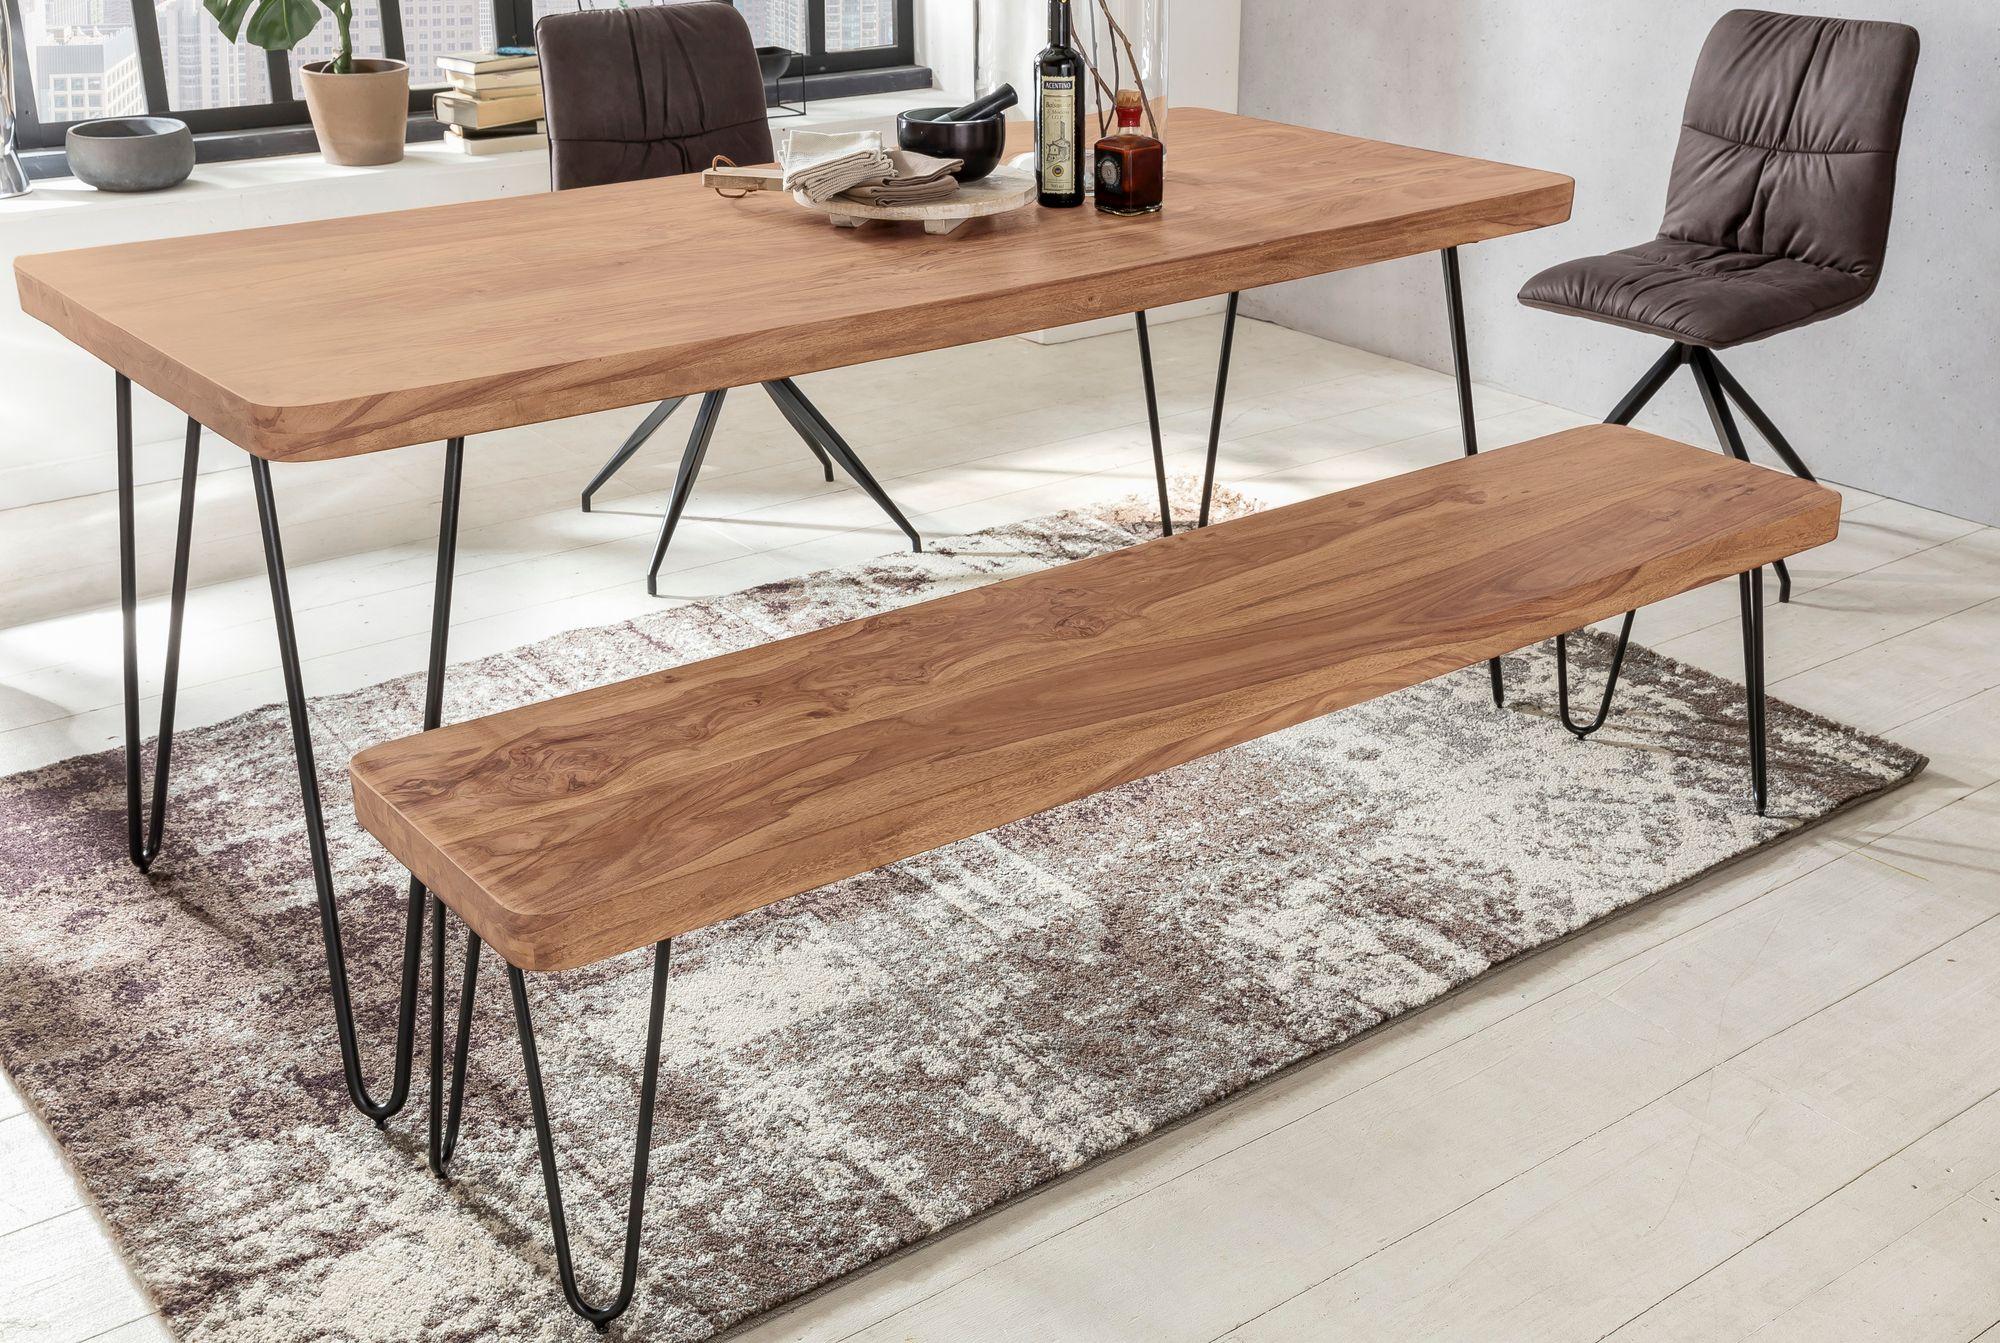 Bezaubernd Bank Für Esstisch Das Beste Von Finebuy Massive Sitzbank Harlem Akazie Holz Für